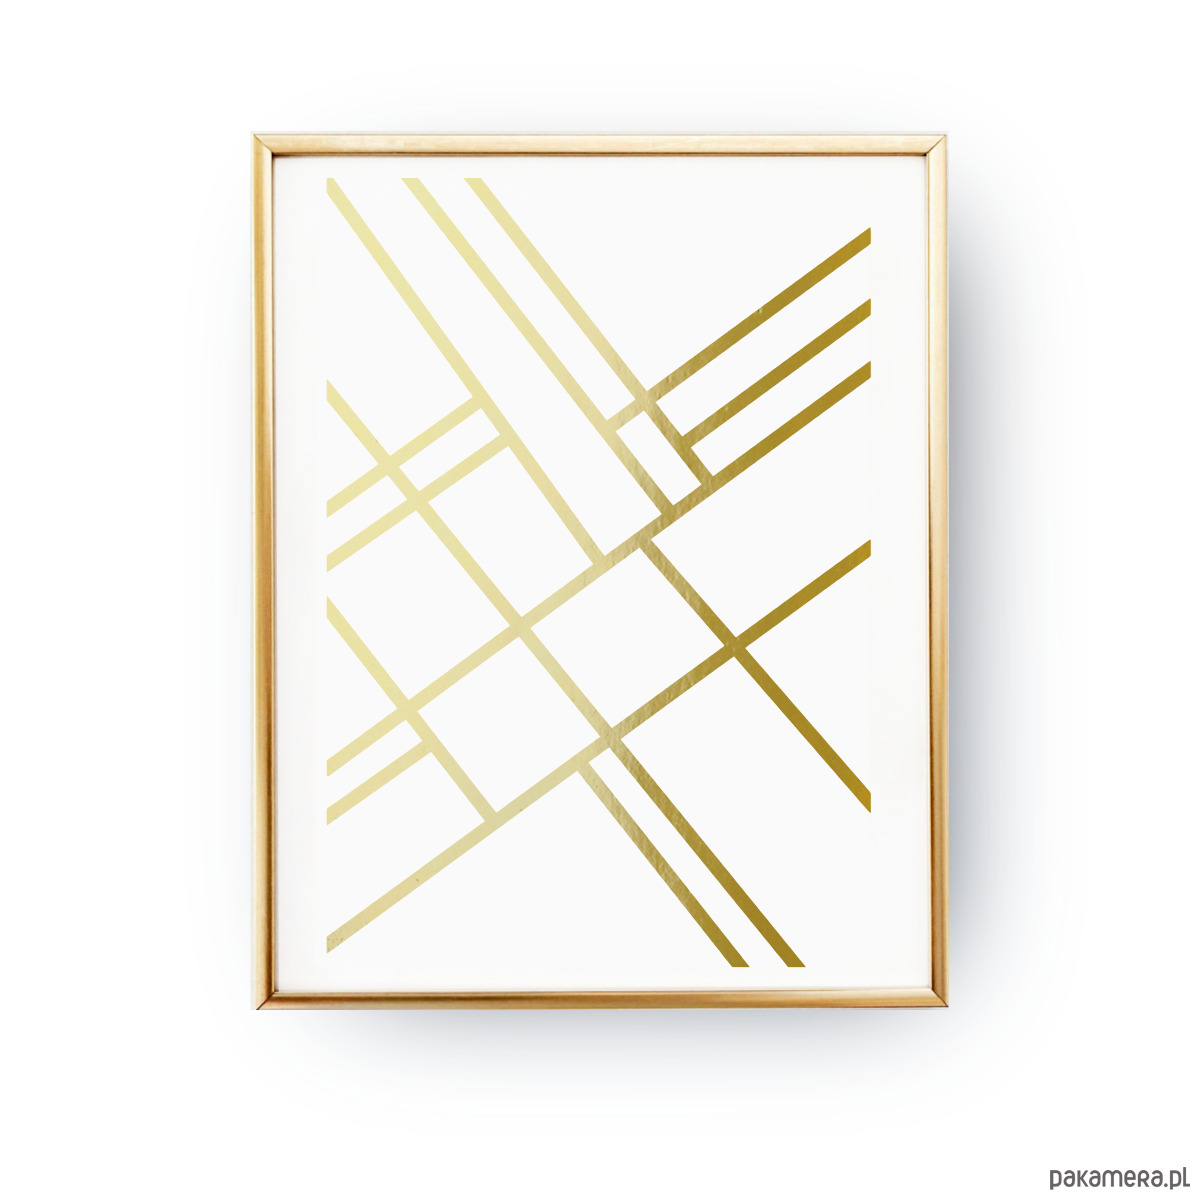 Geometryczne Linie Złoty Druk Pakamerapl